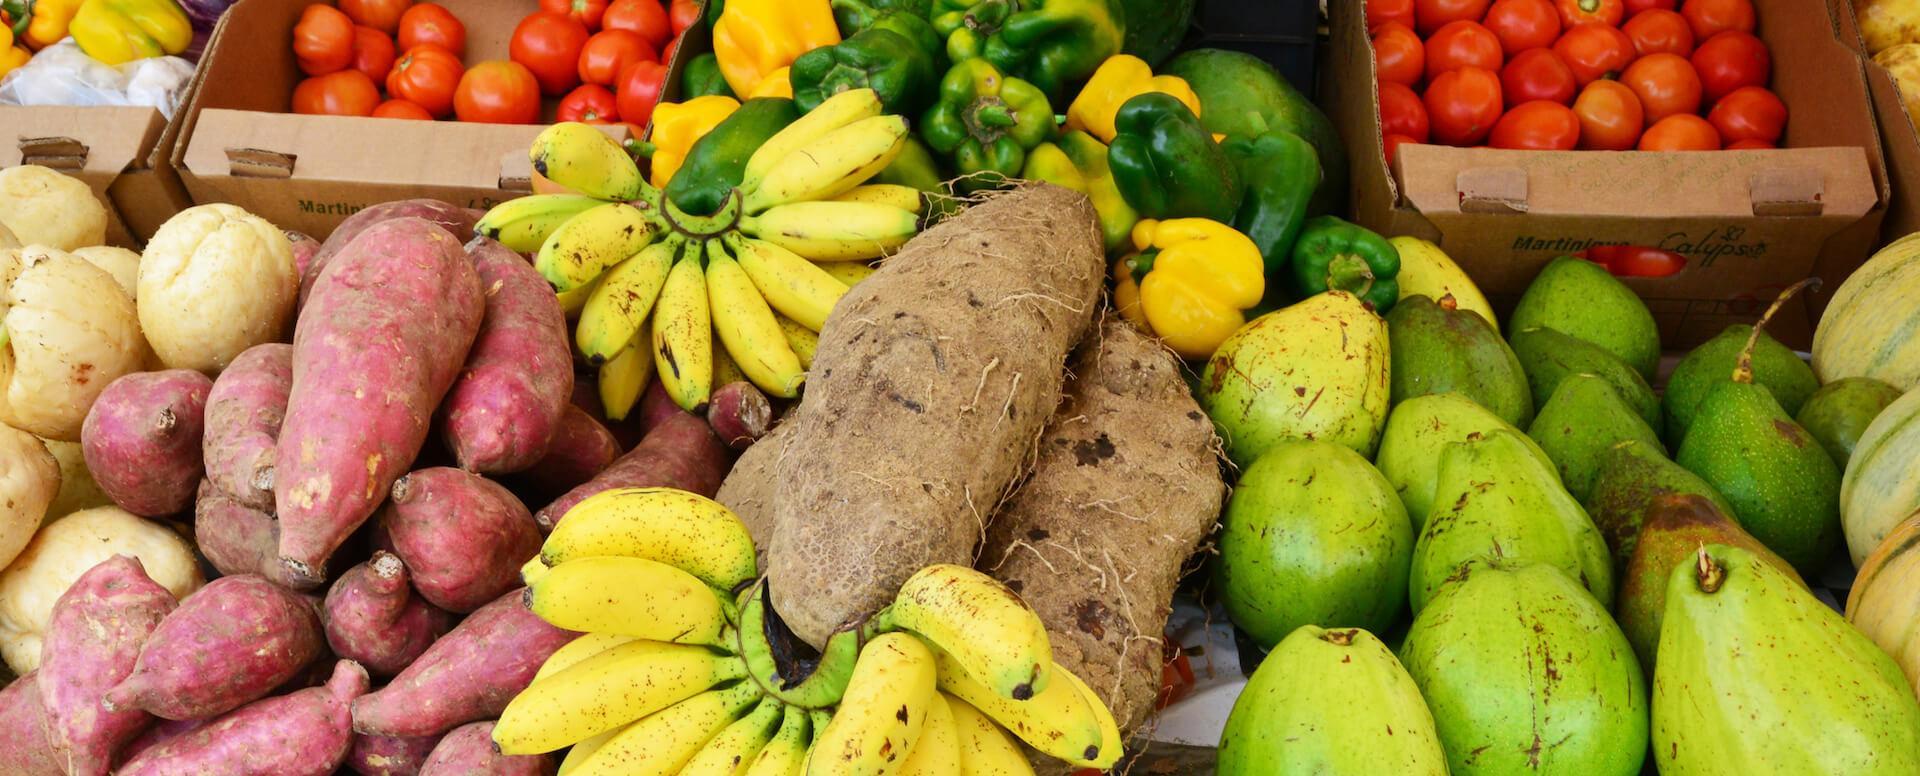 Fruits et légumes sur l'île - Martinique